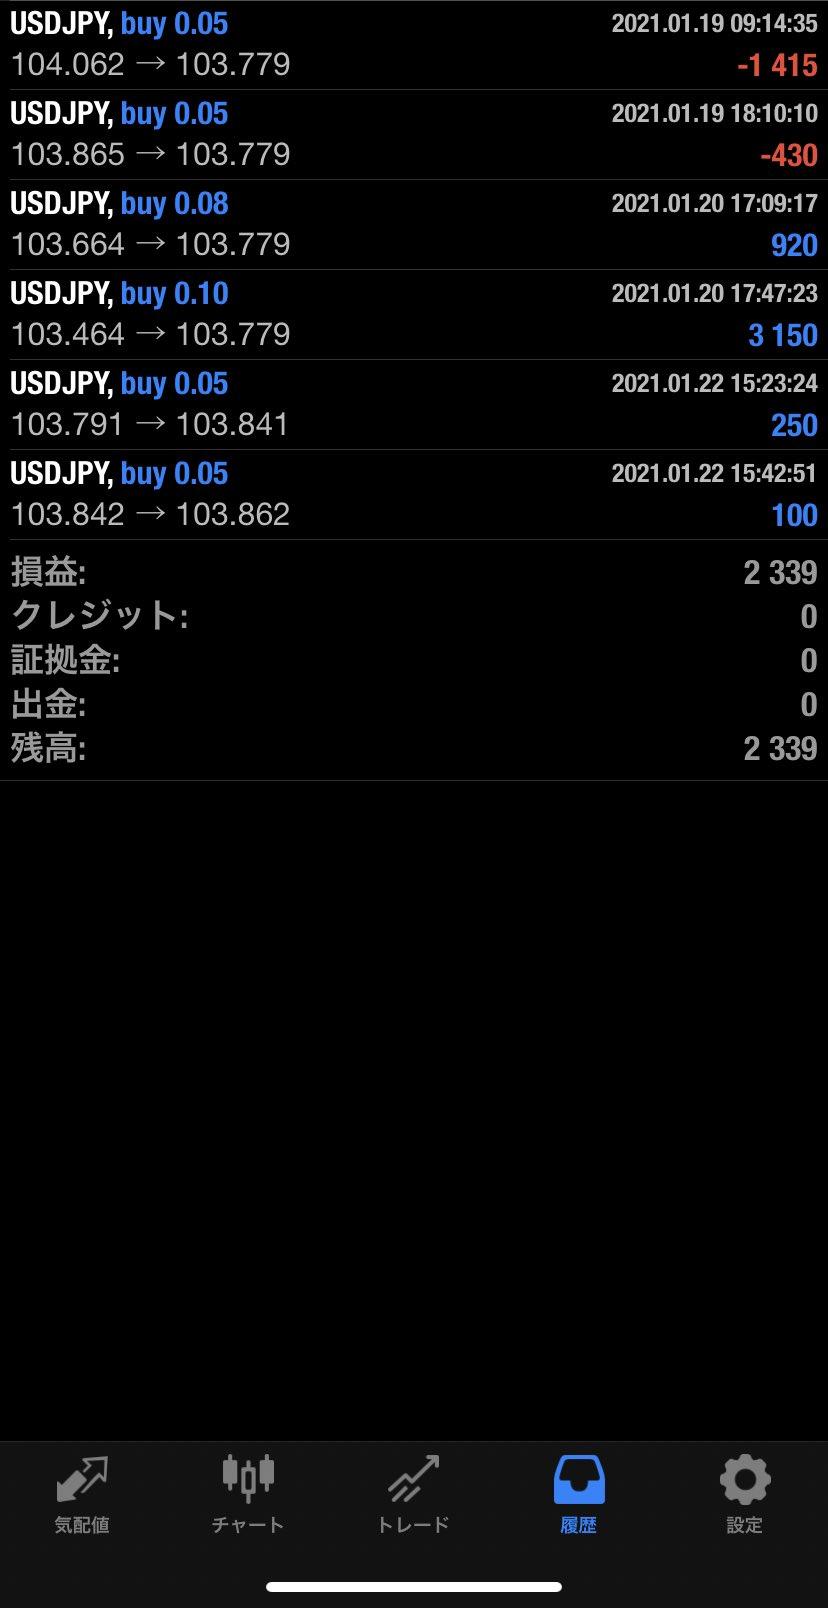 2021年1月22日 USD/JPYバージョン2,339円